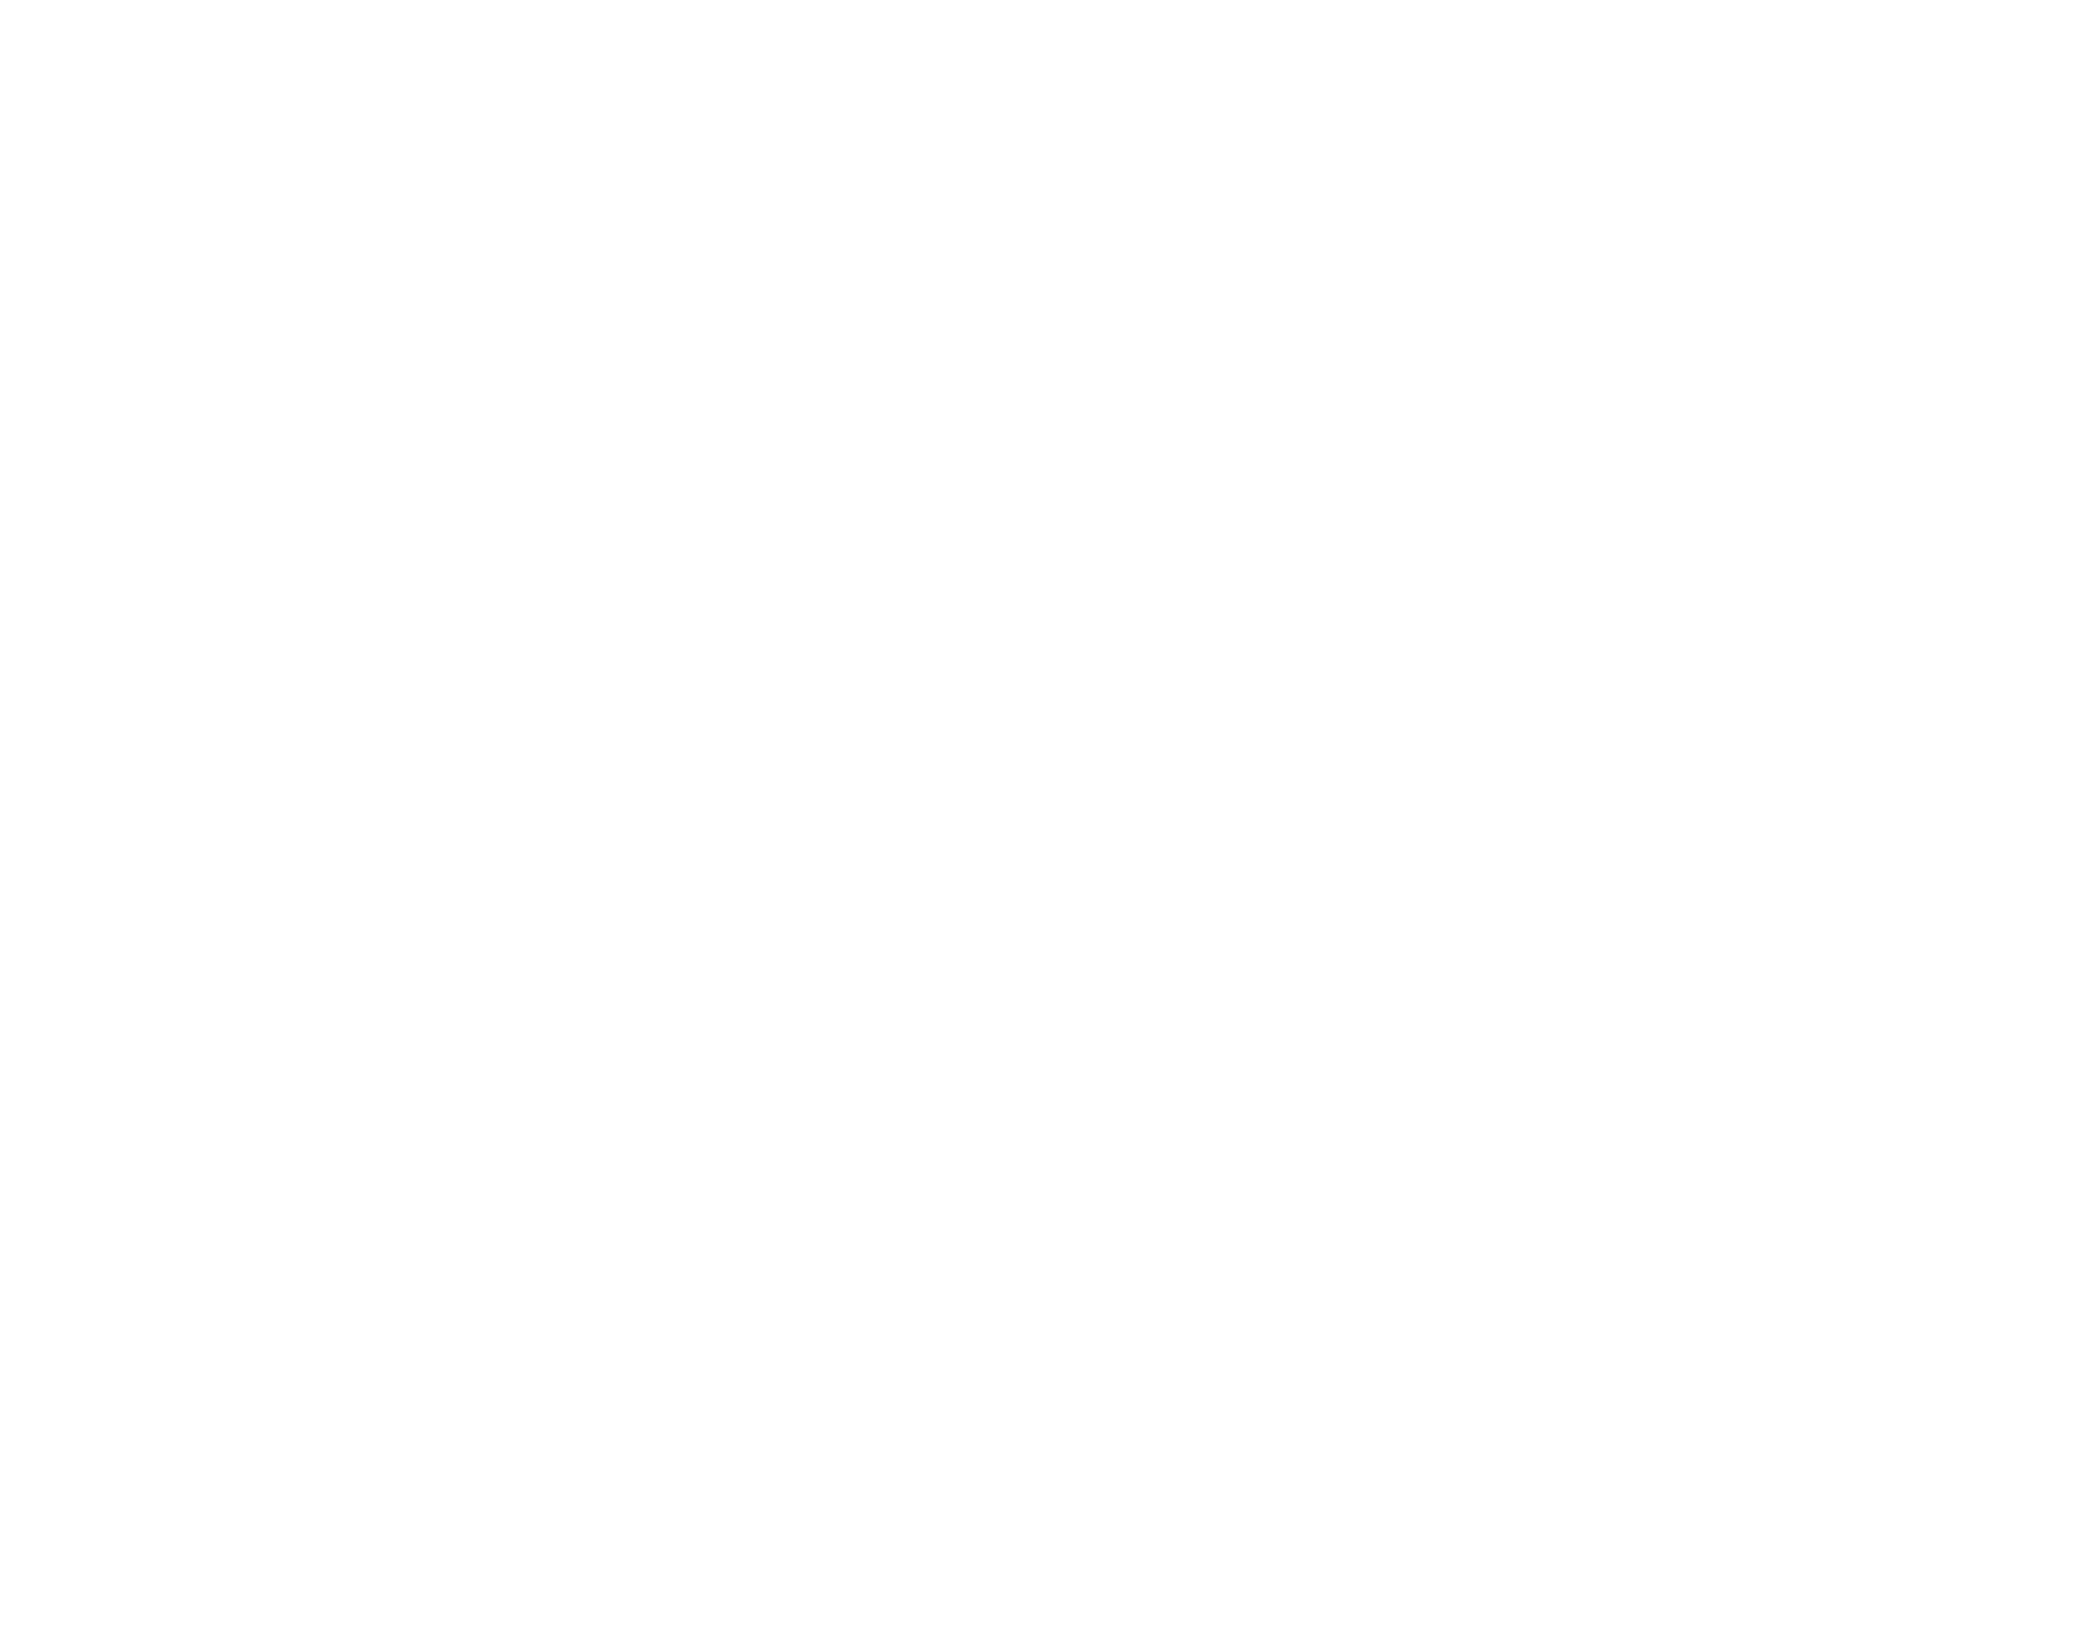 linear-economy-white